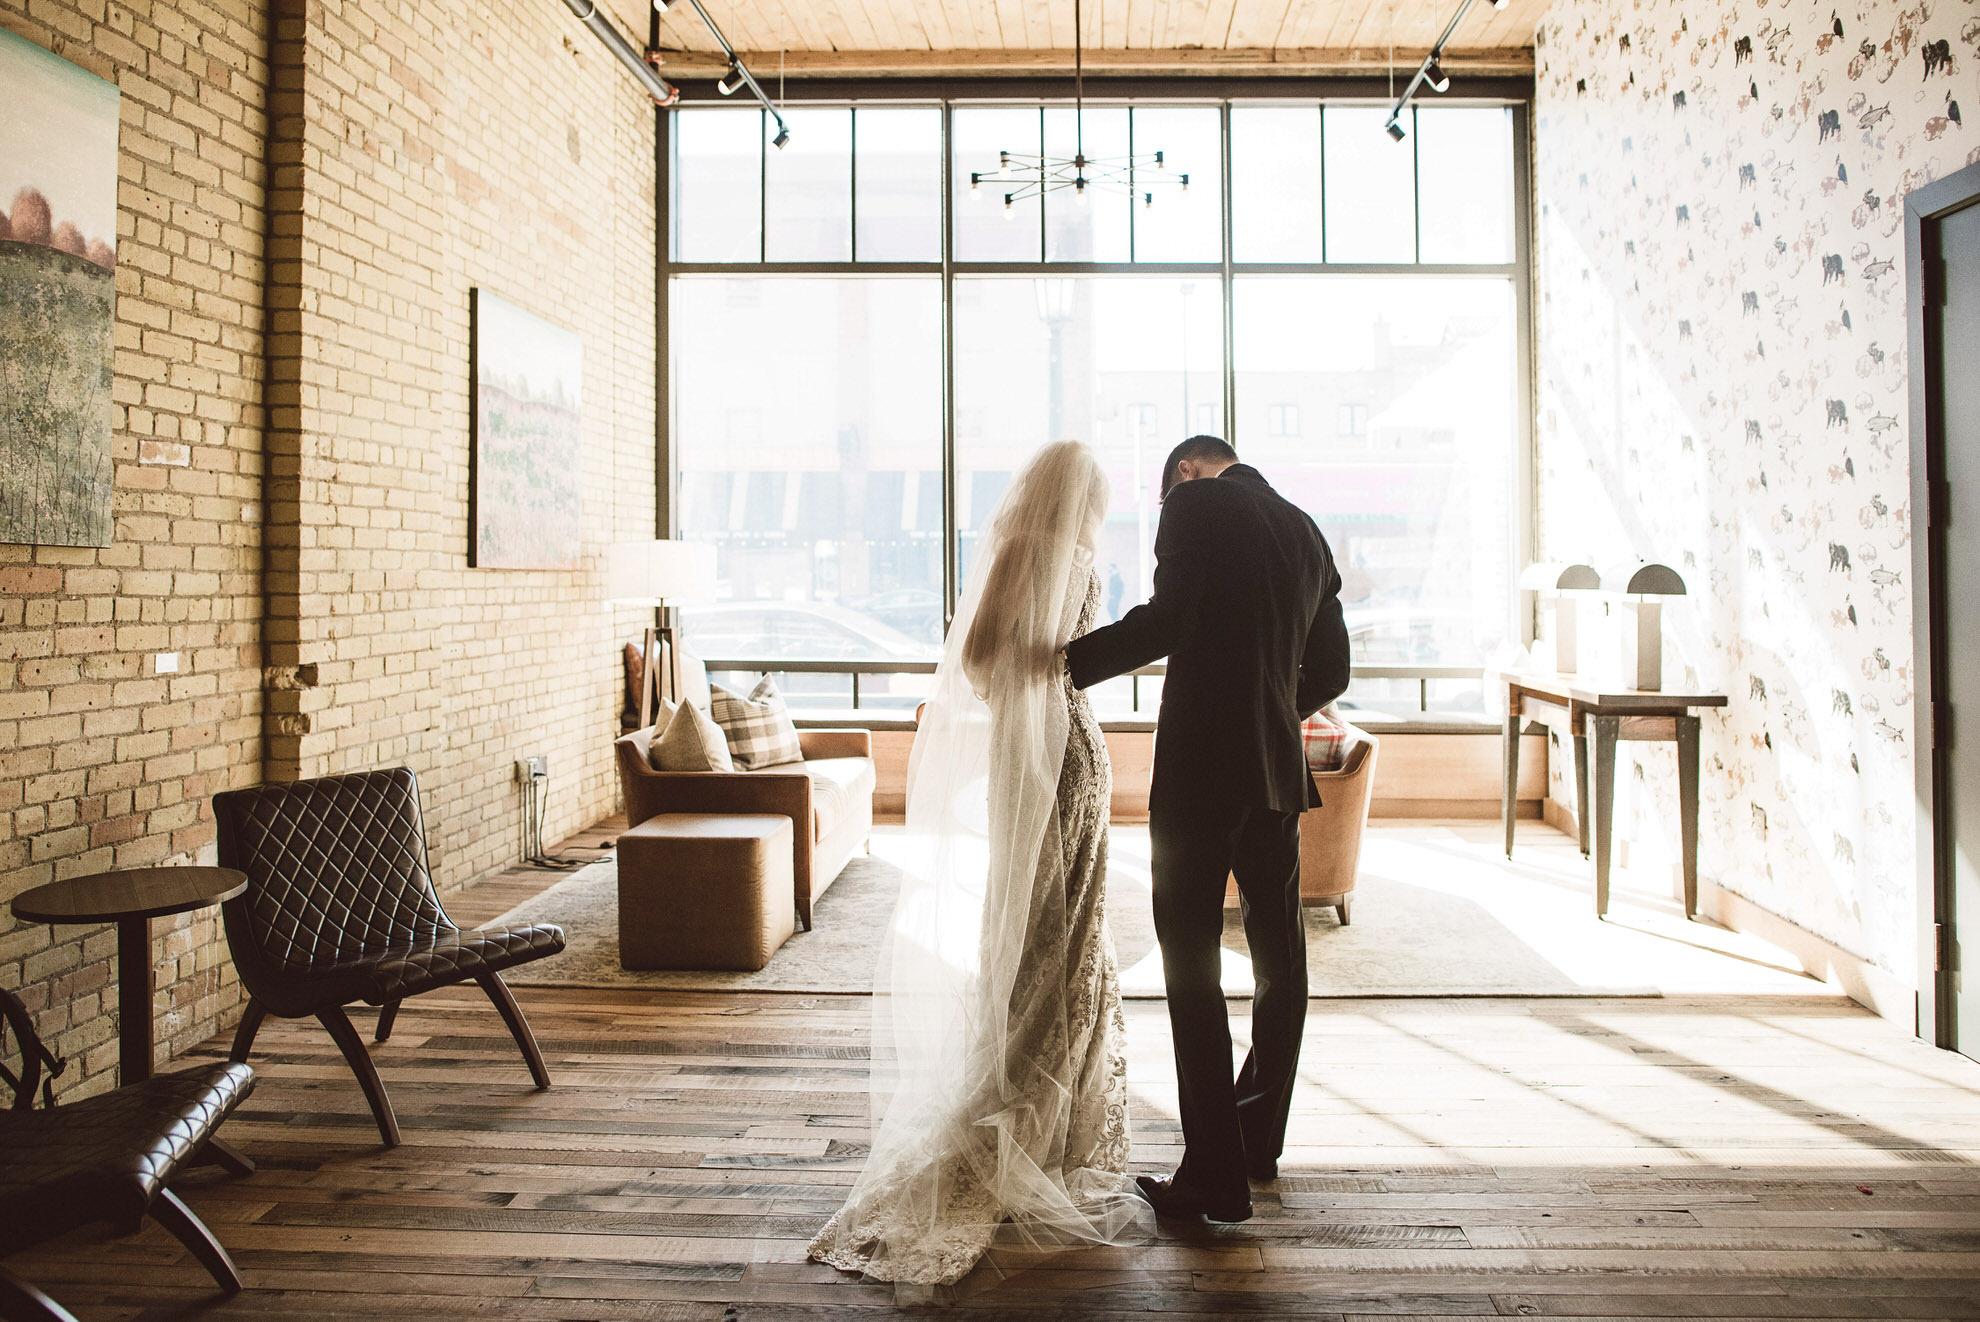 erika_Alex_wedding_by_lucas_botz_photography_0121.jpg